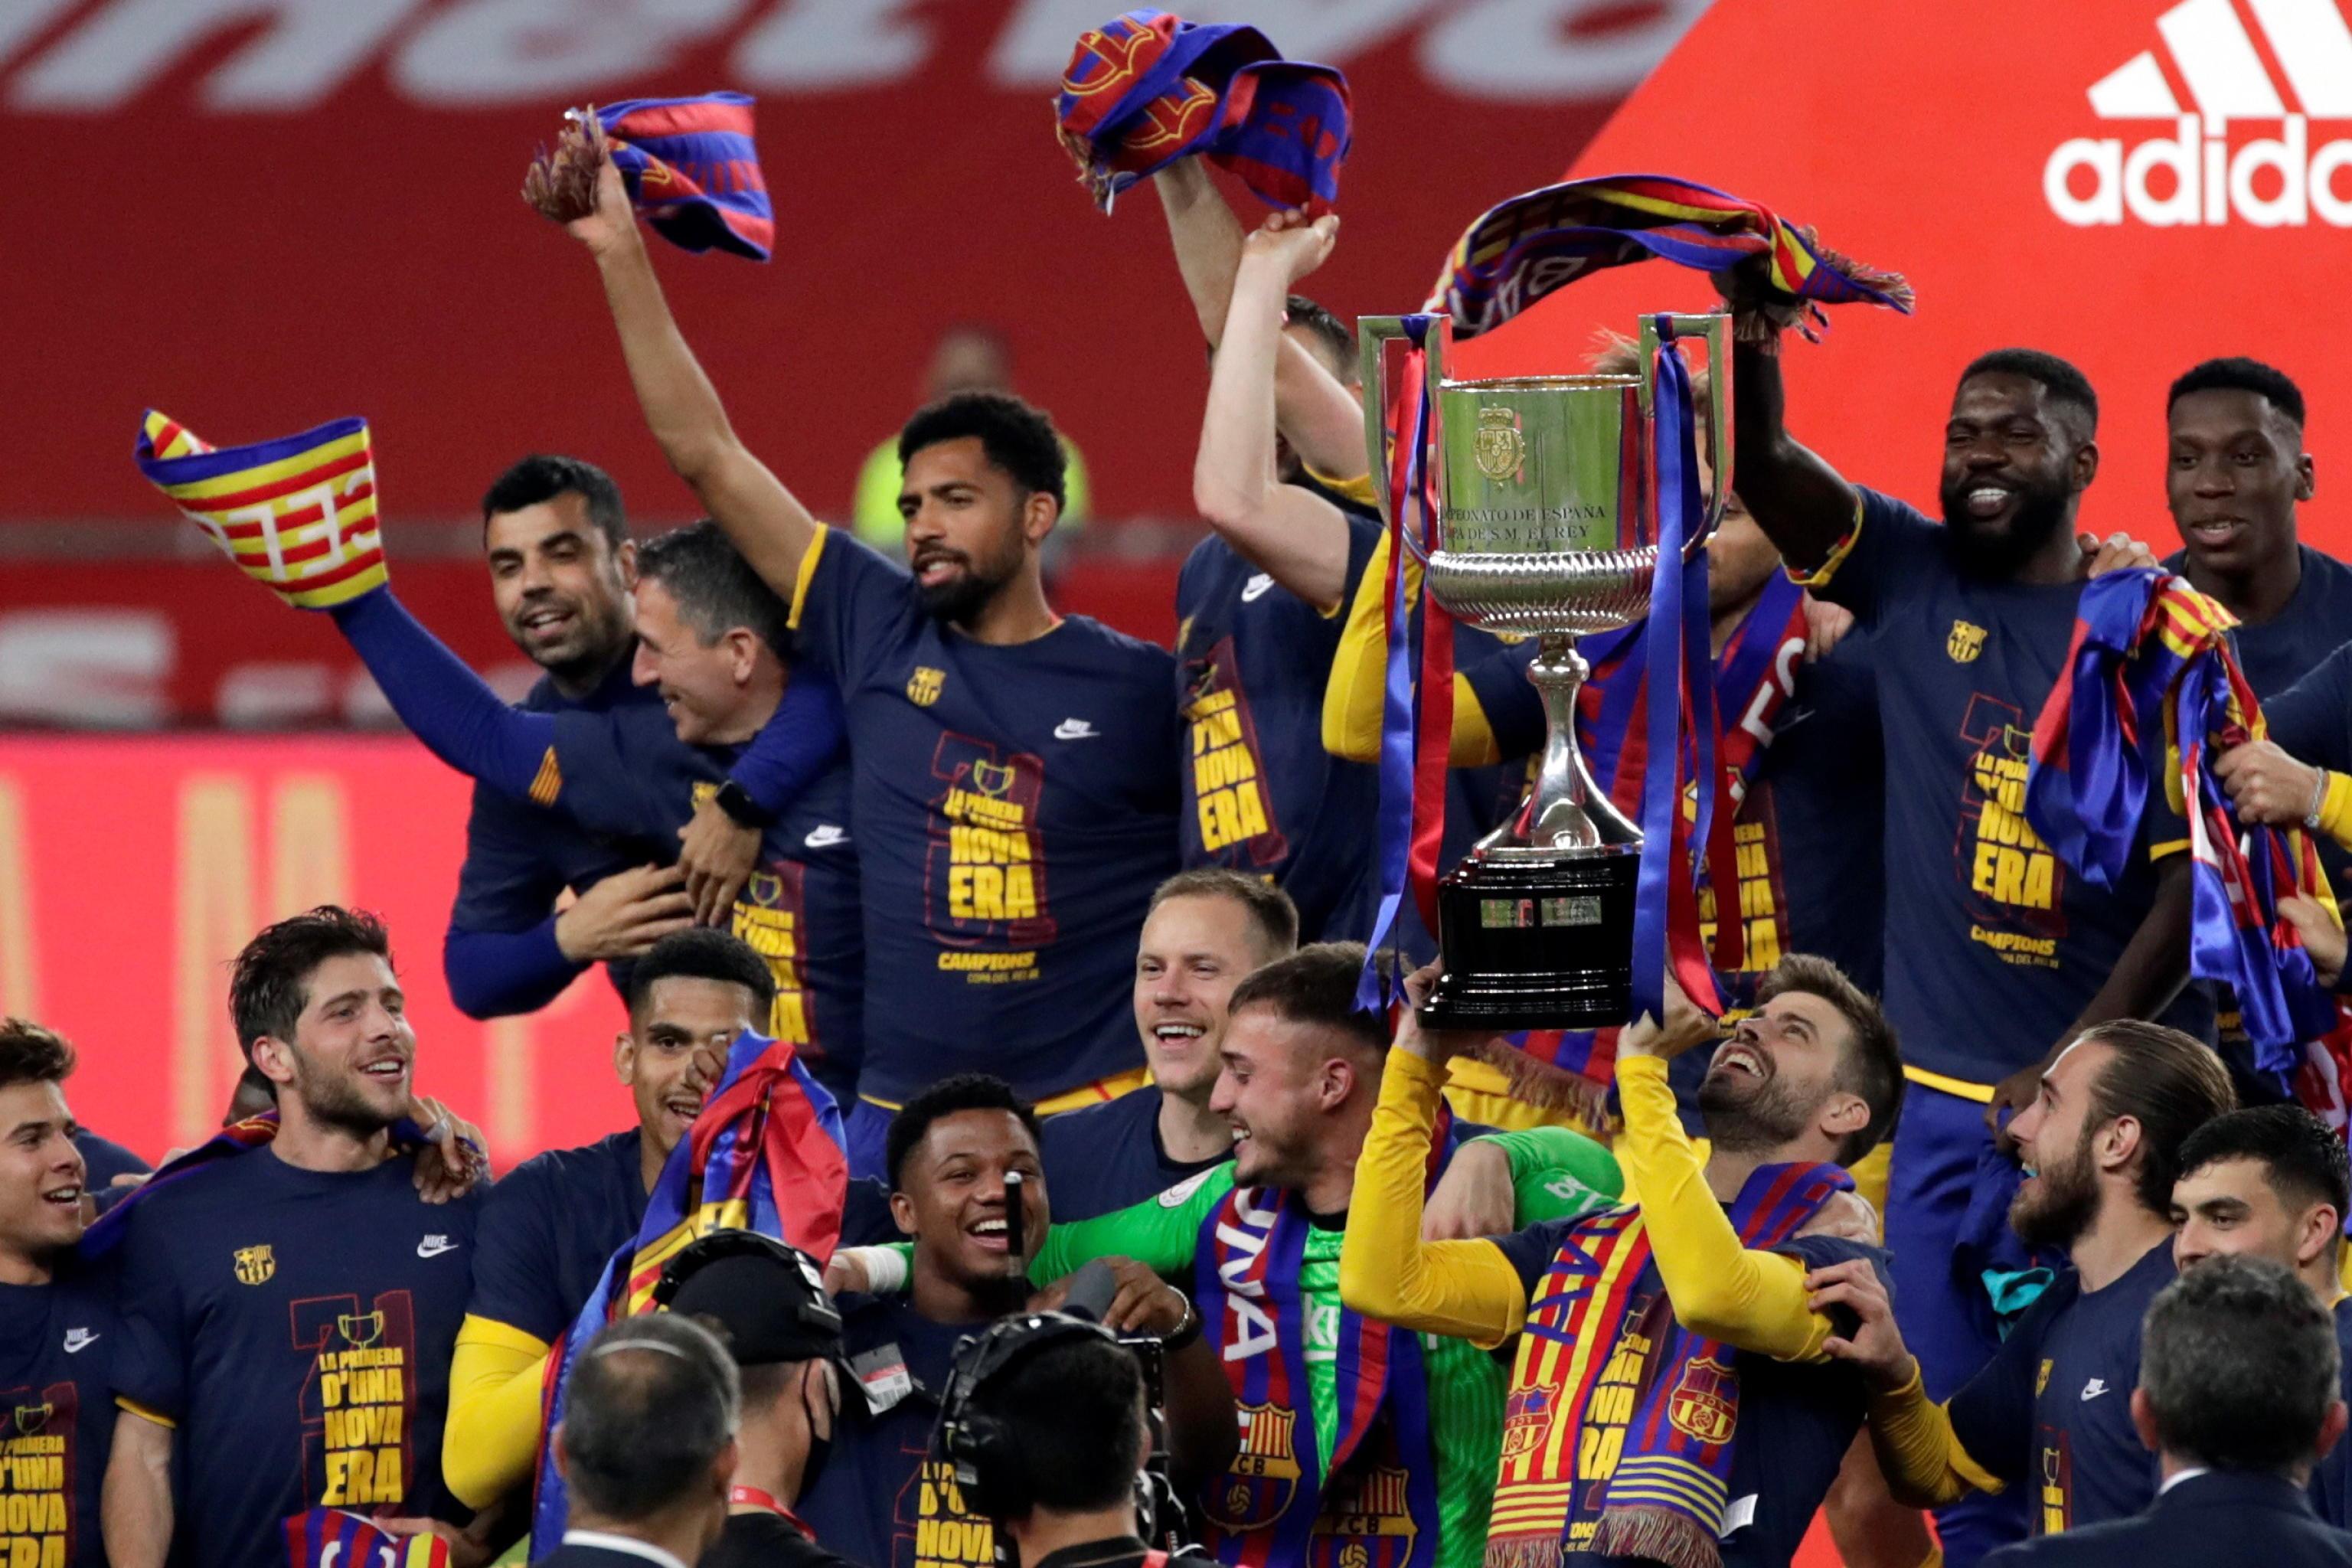 Dal Barcellona al Liverpool: ecco i club di calcio più ricchi al mondo